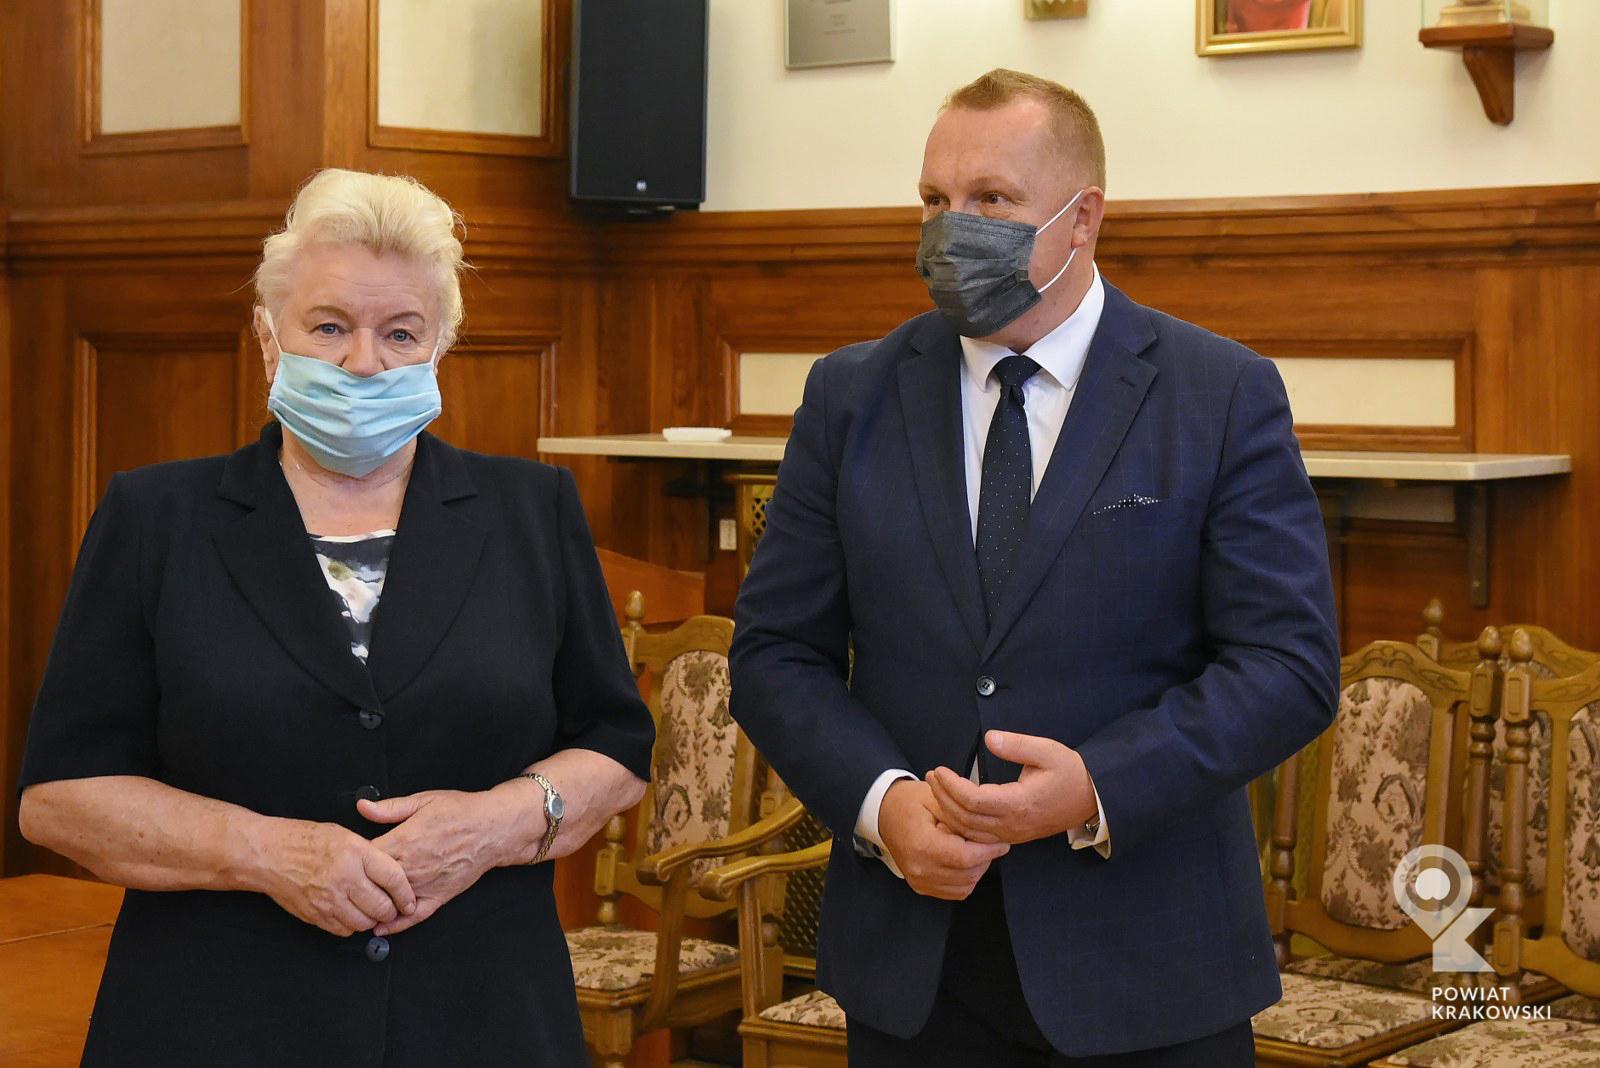 Podpisanie umowy w Starostwie Powiatowym w Krakowie 8